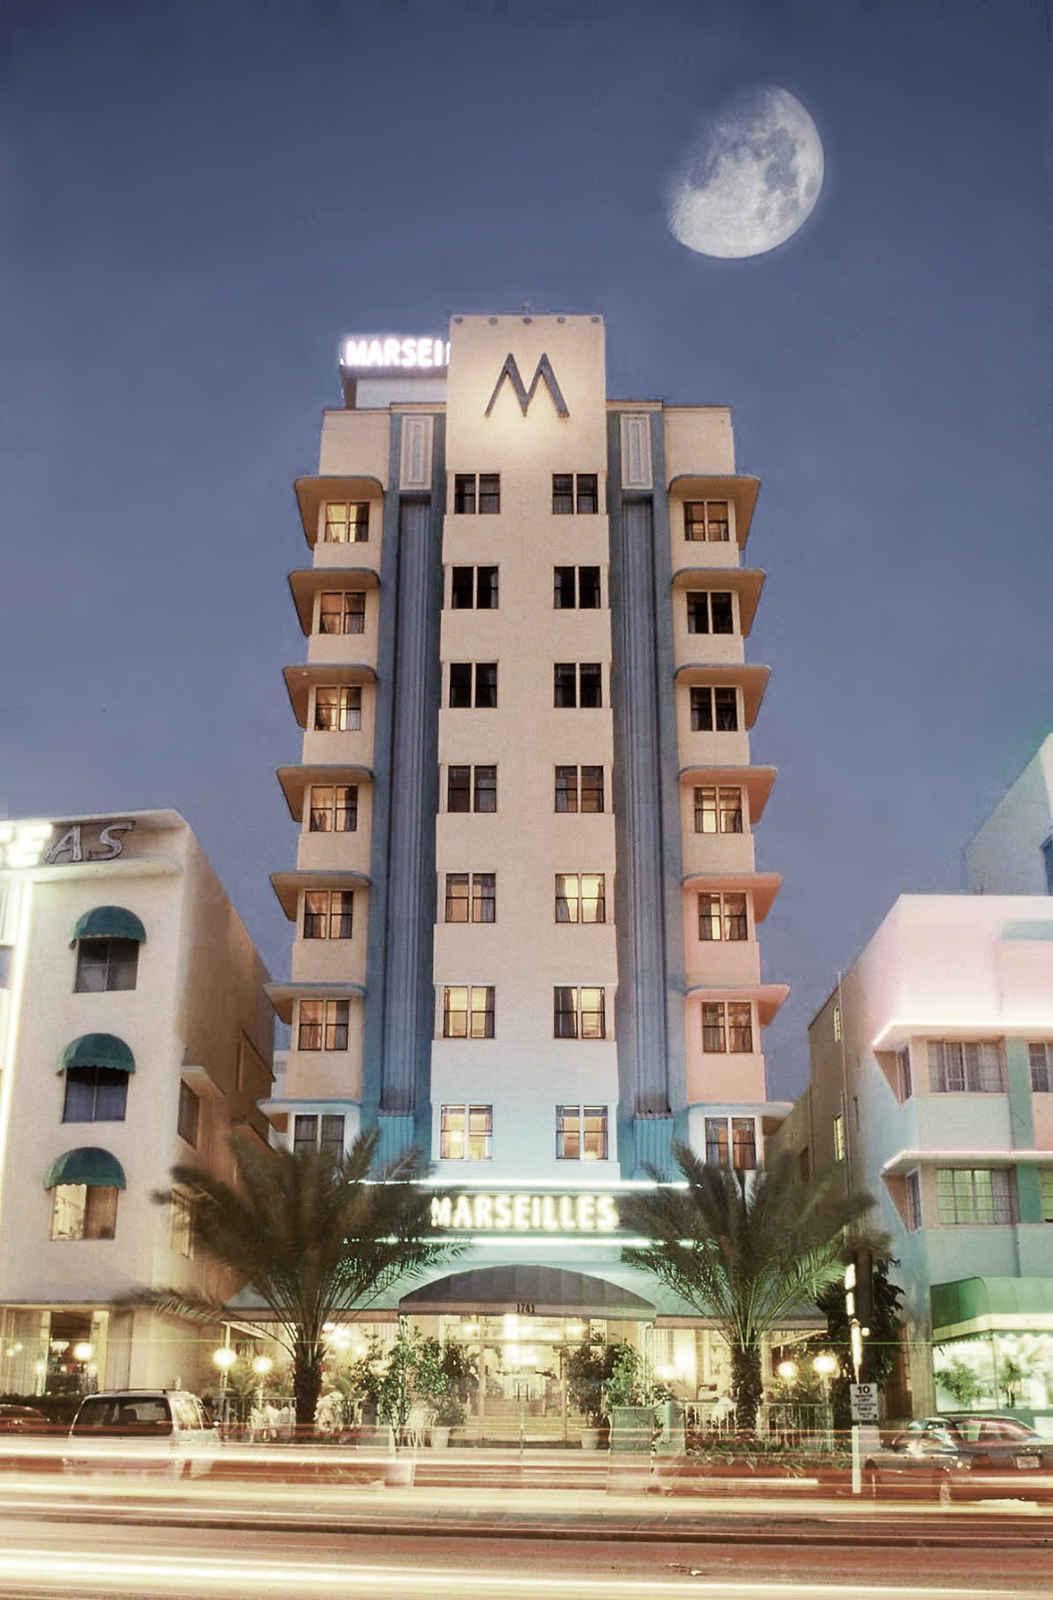 Séjour Miami - Marseilles Hotel Miami - 3.5*